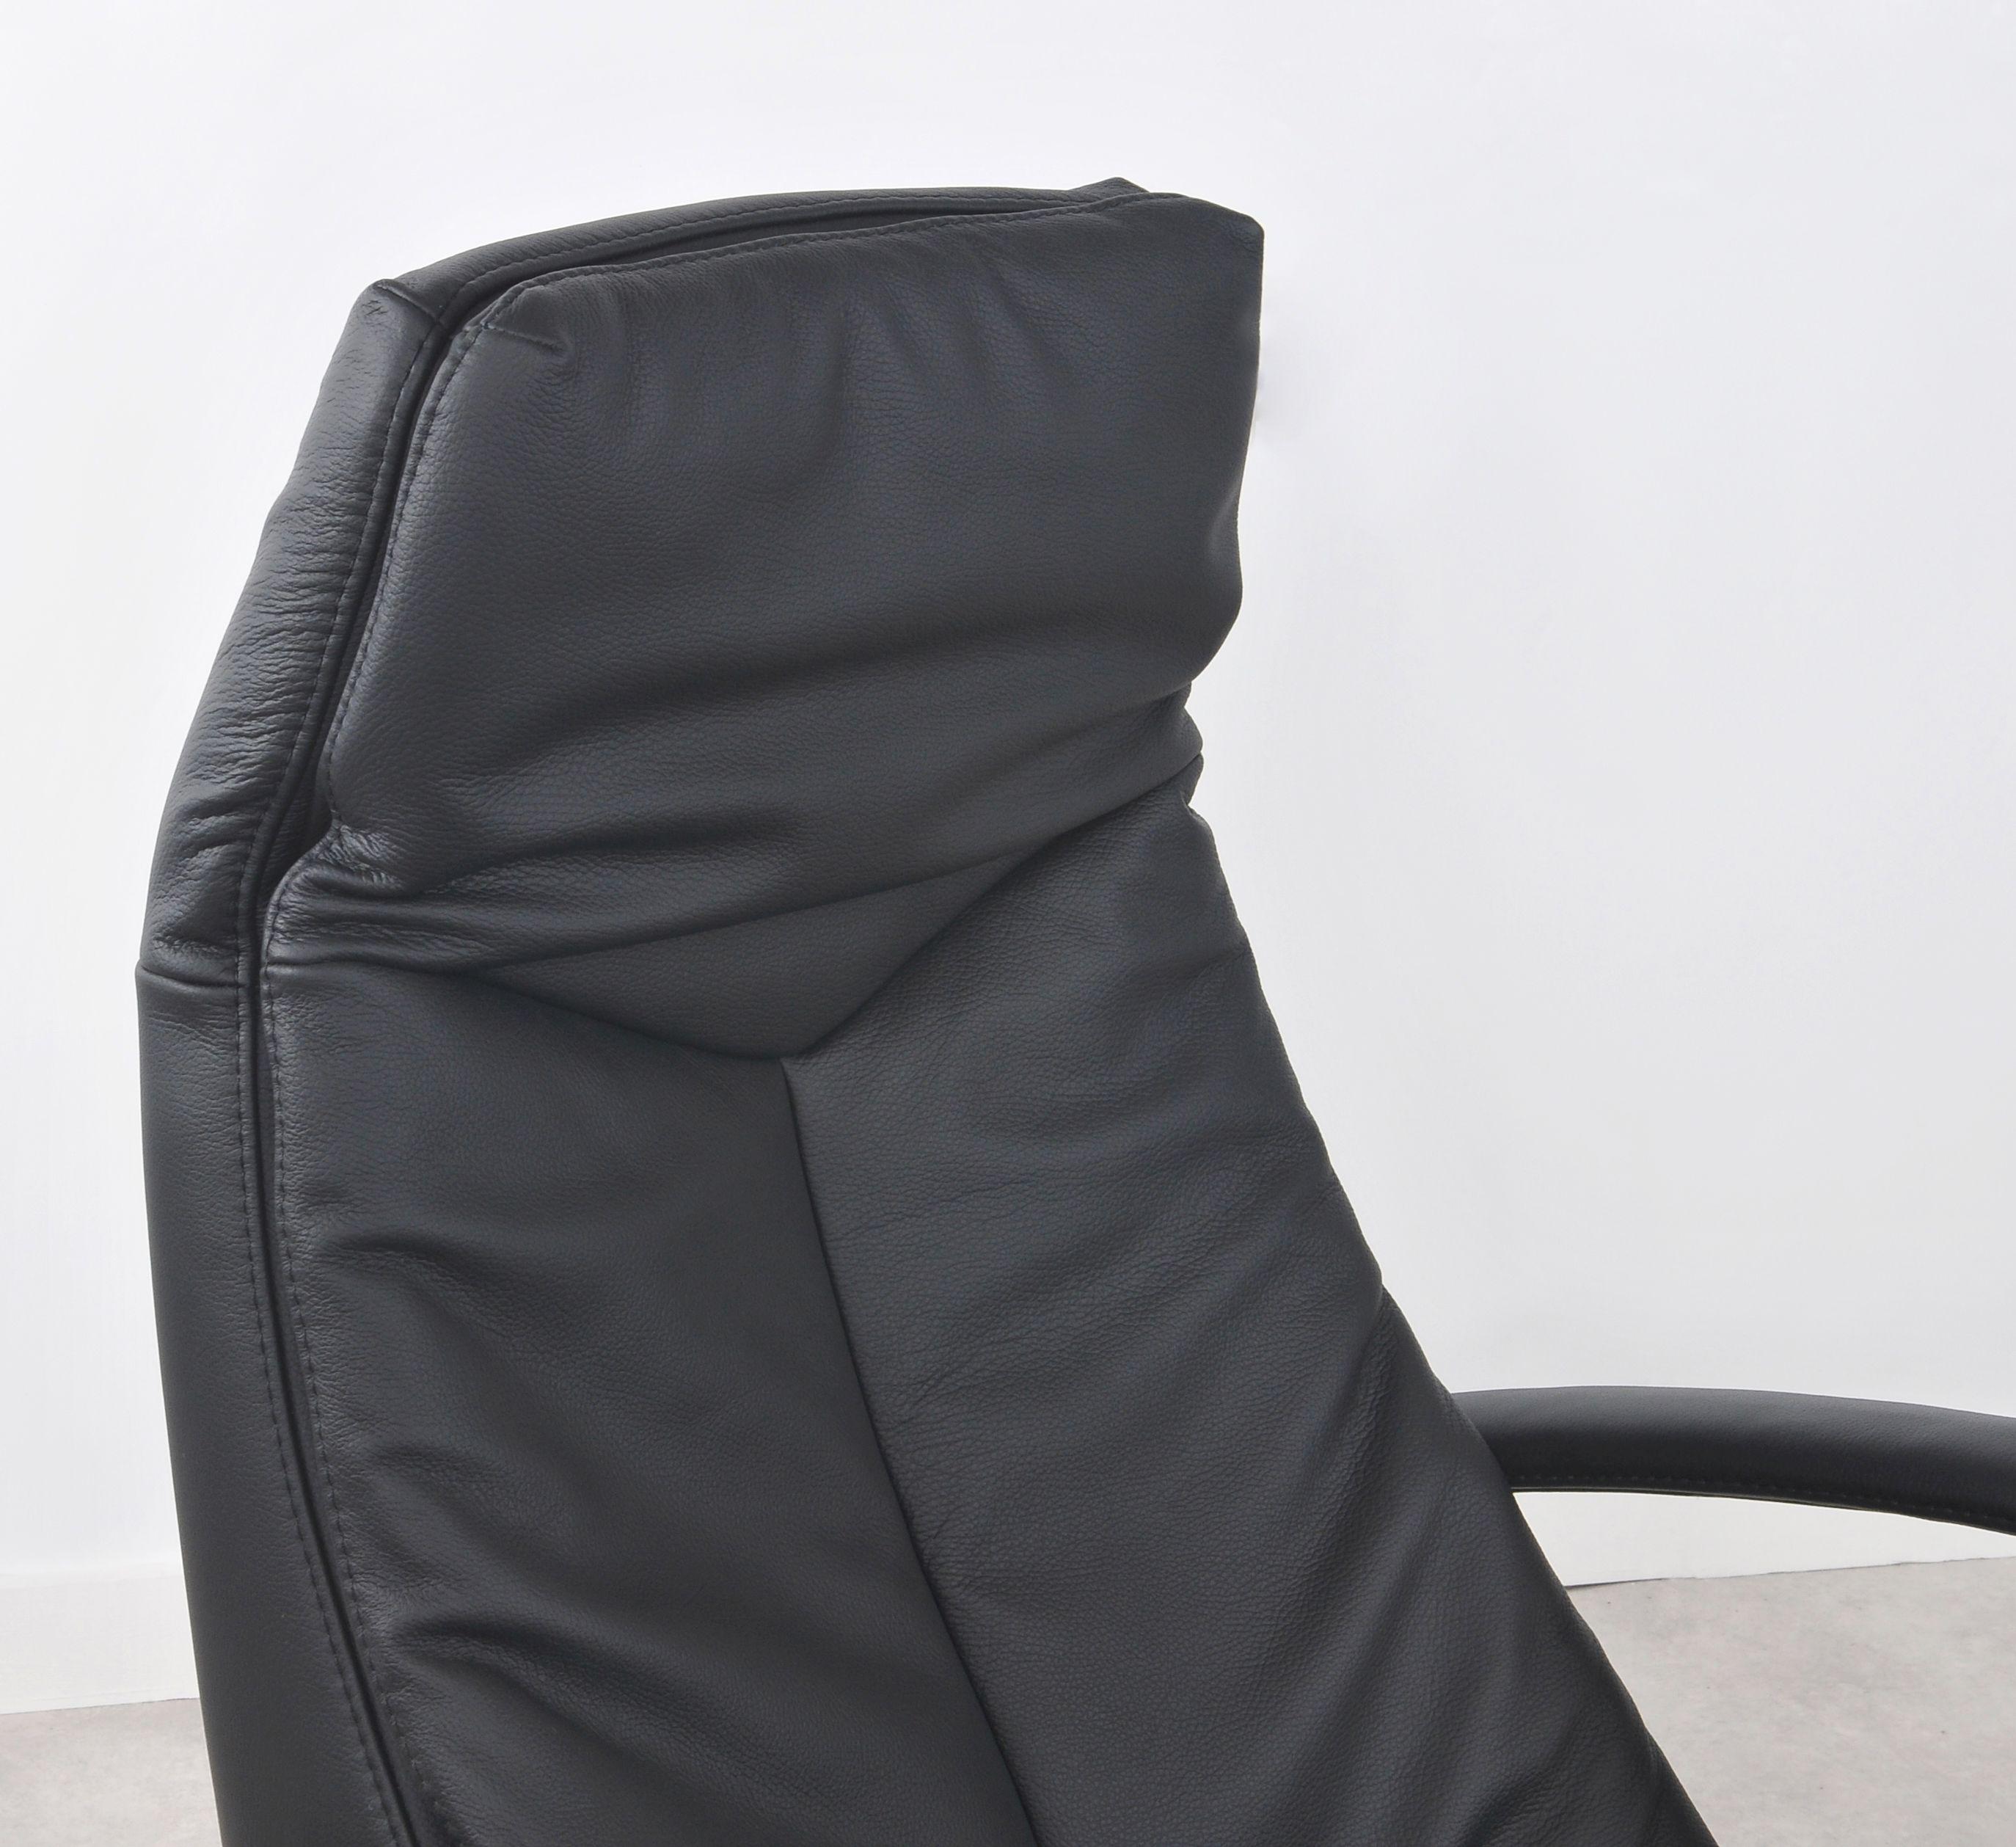 Riser recliner chair Oslo